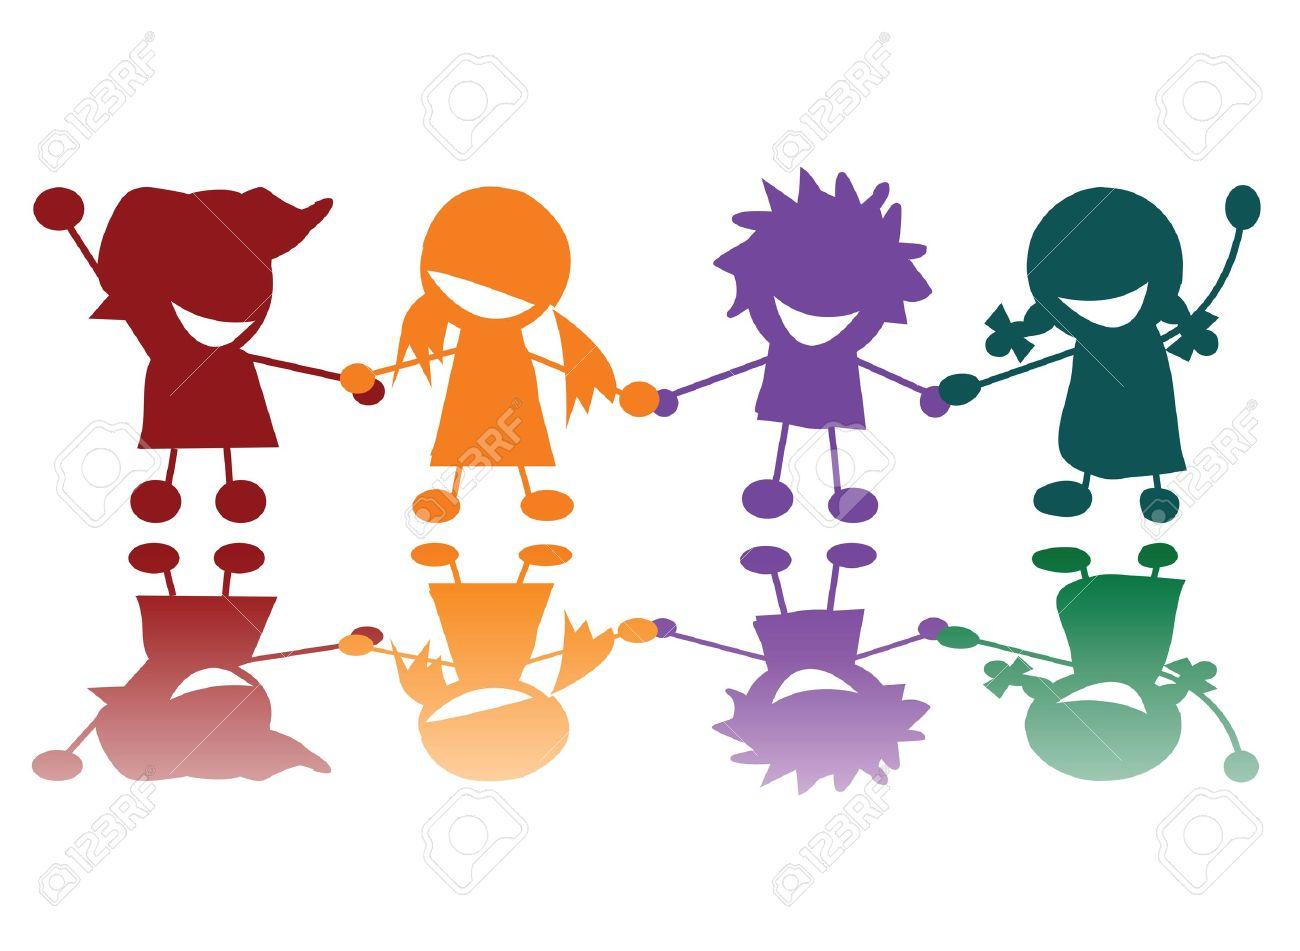 Happy children in colors, art Stock Photo - 6196628